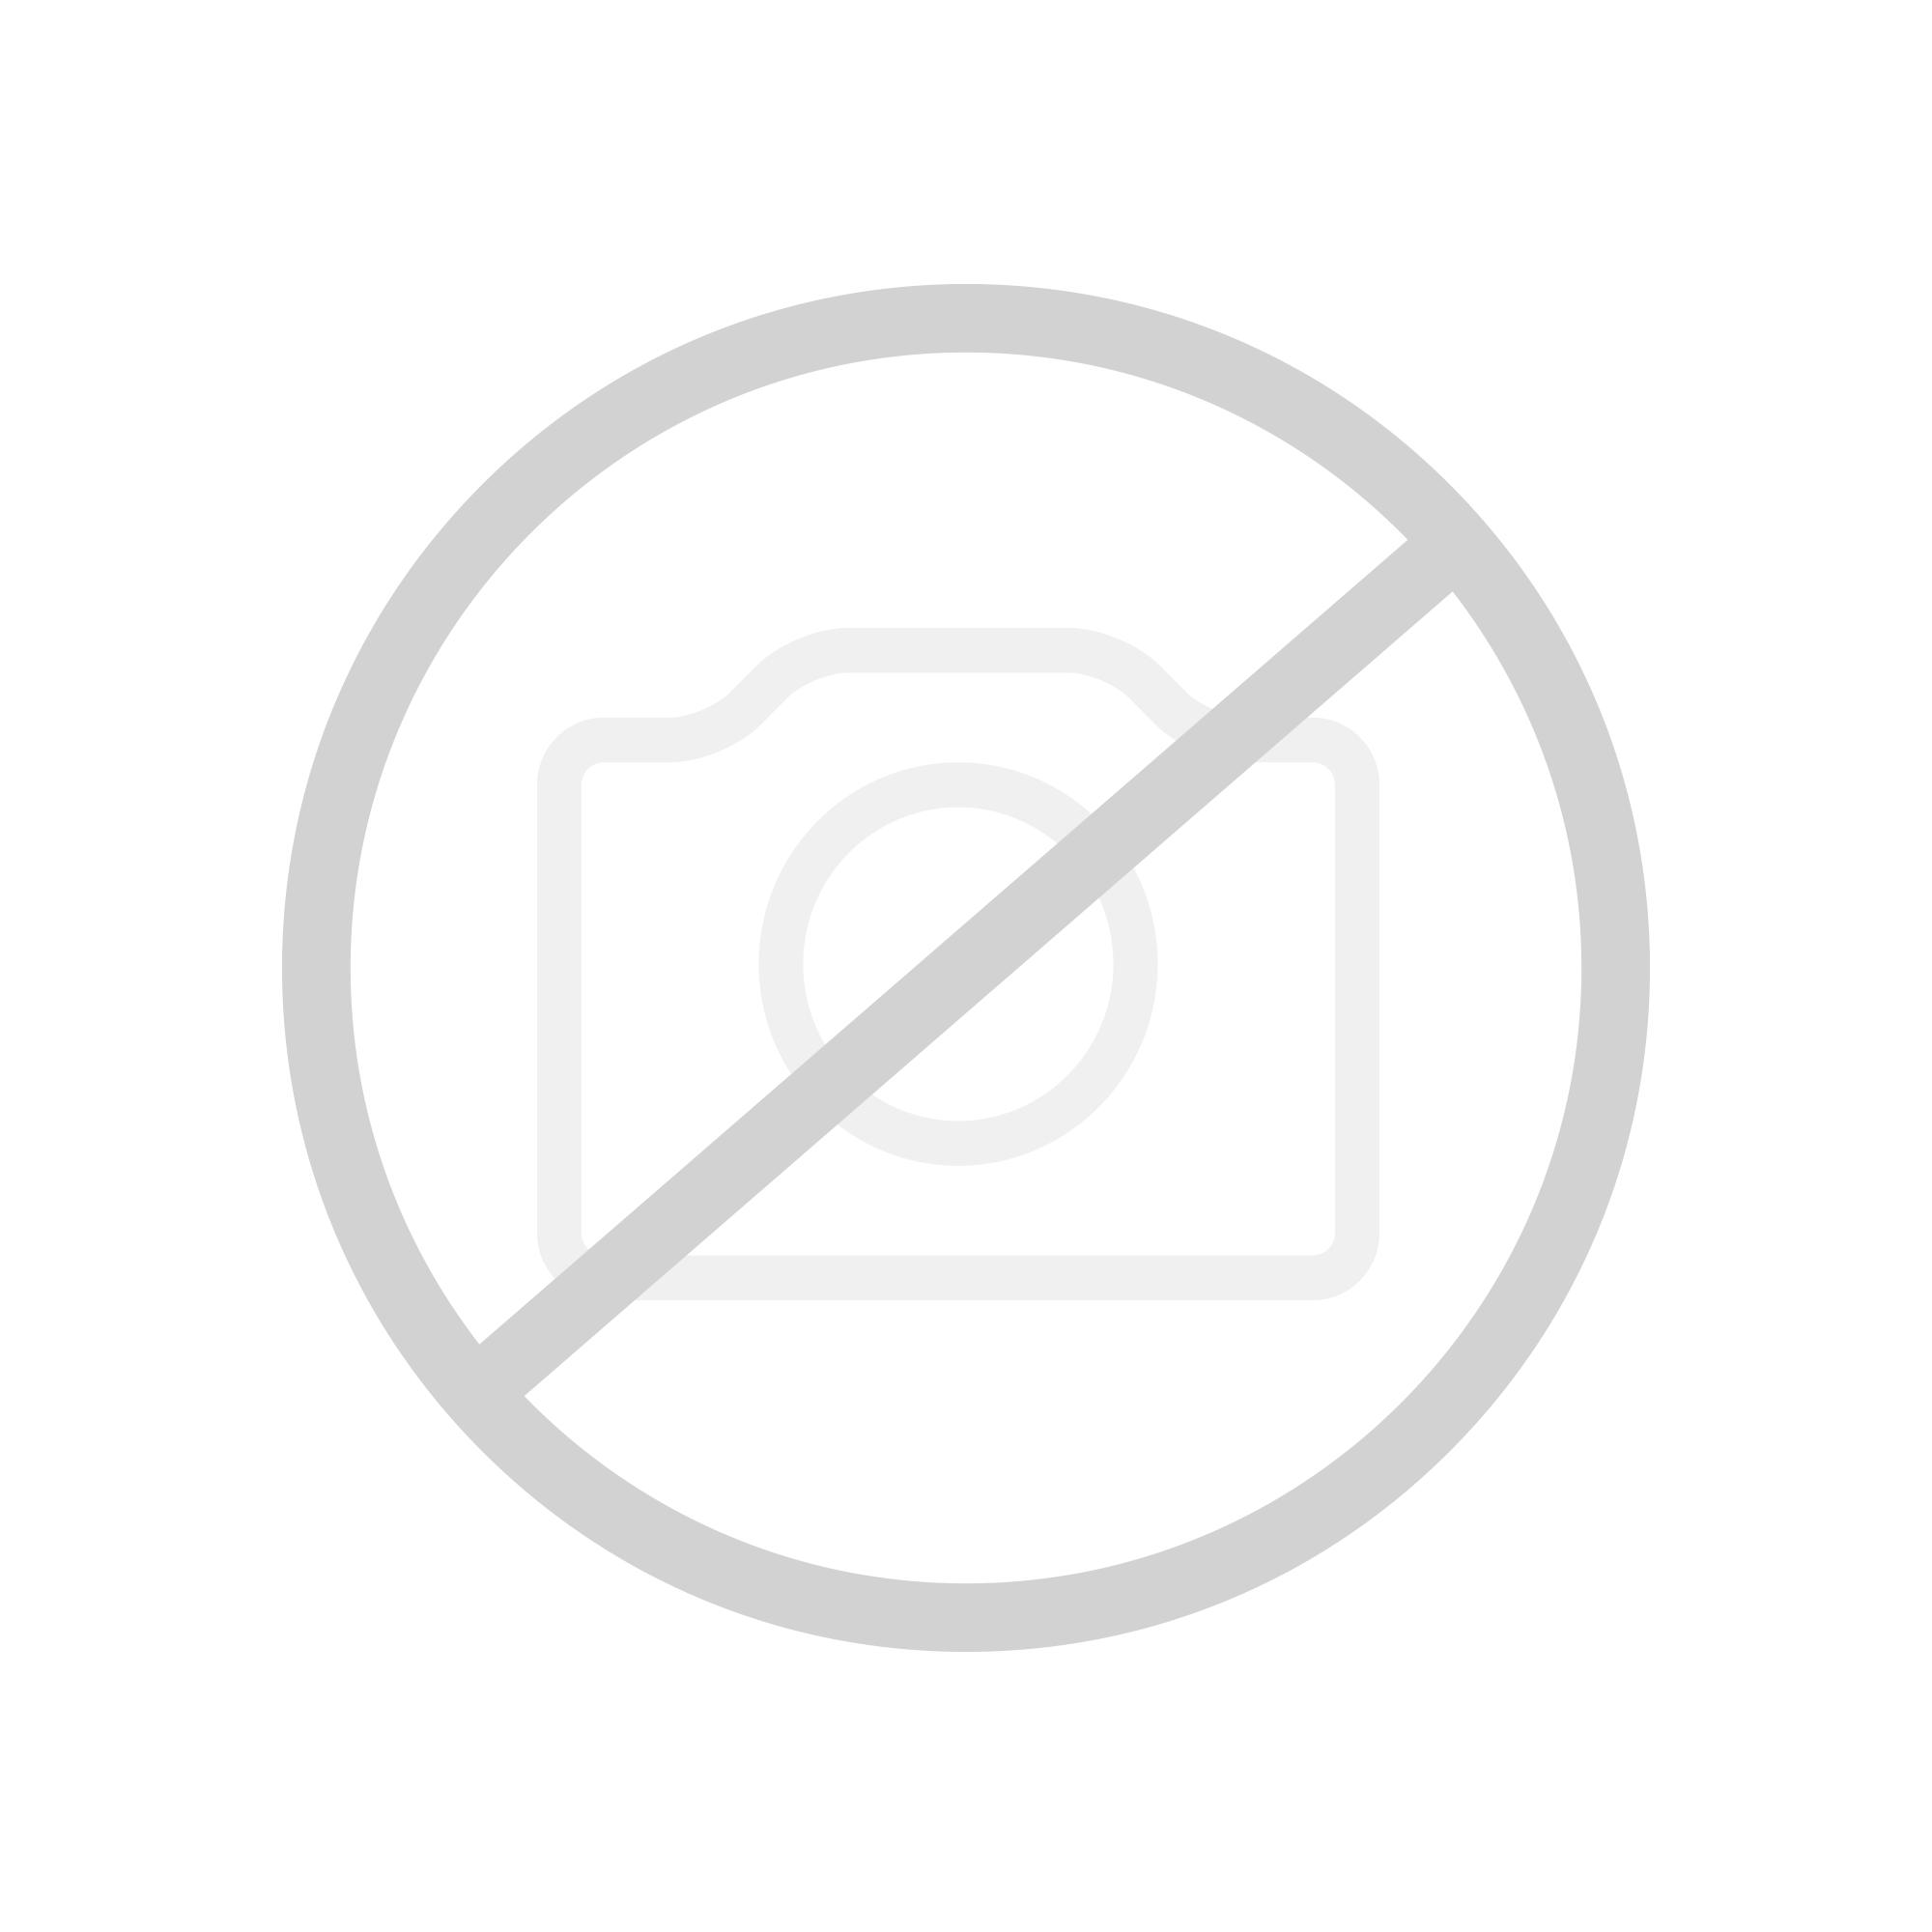 Kaldewei Puro Aufsatzwaschtisch, Randhöhe 12 cm